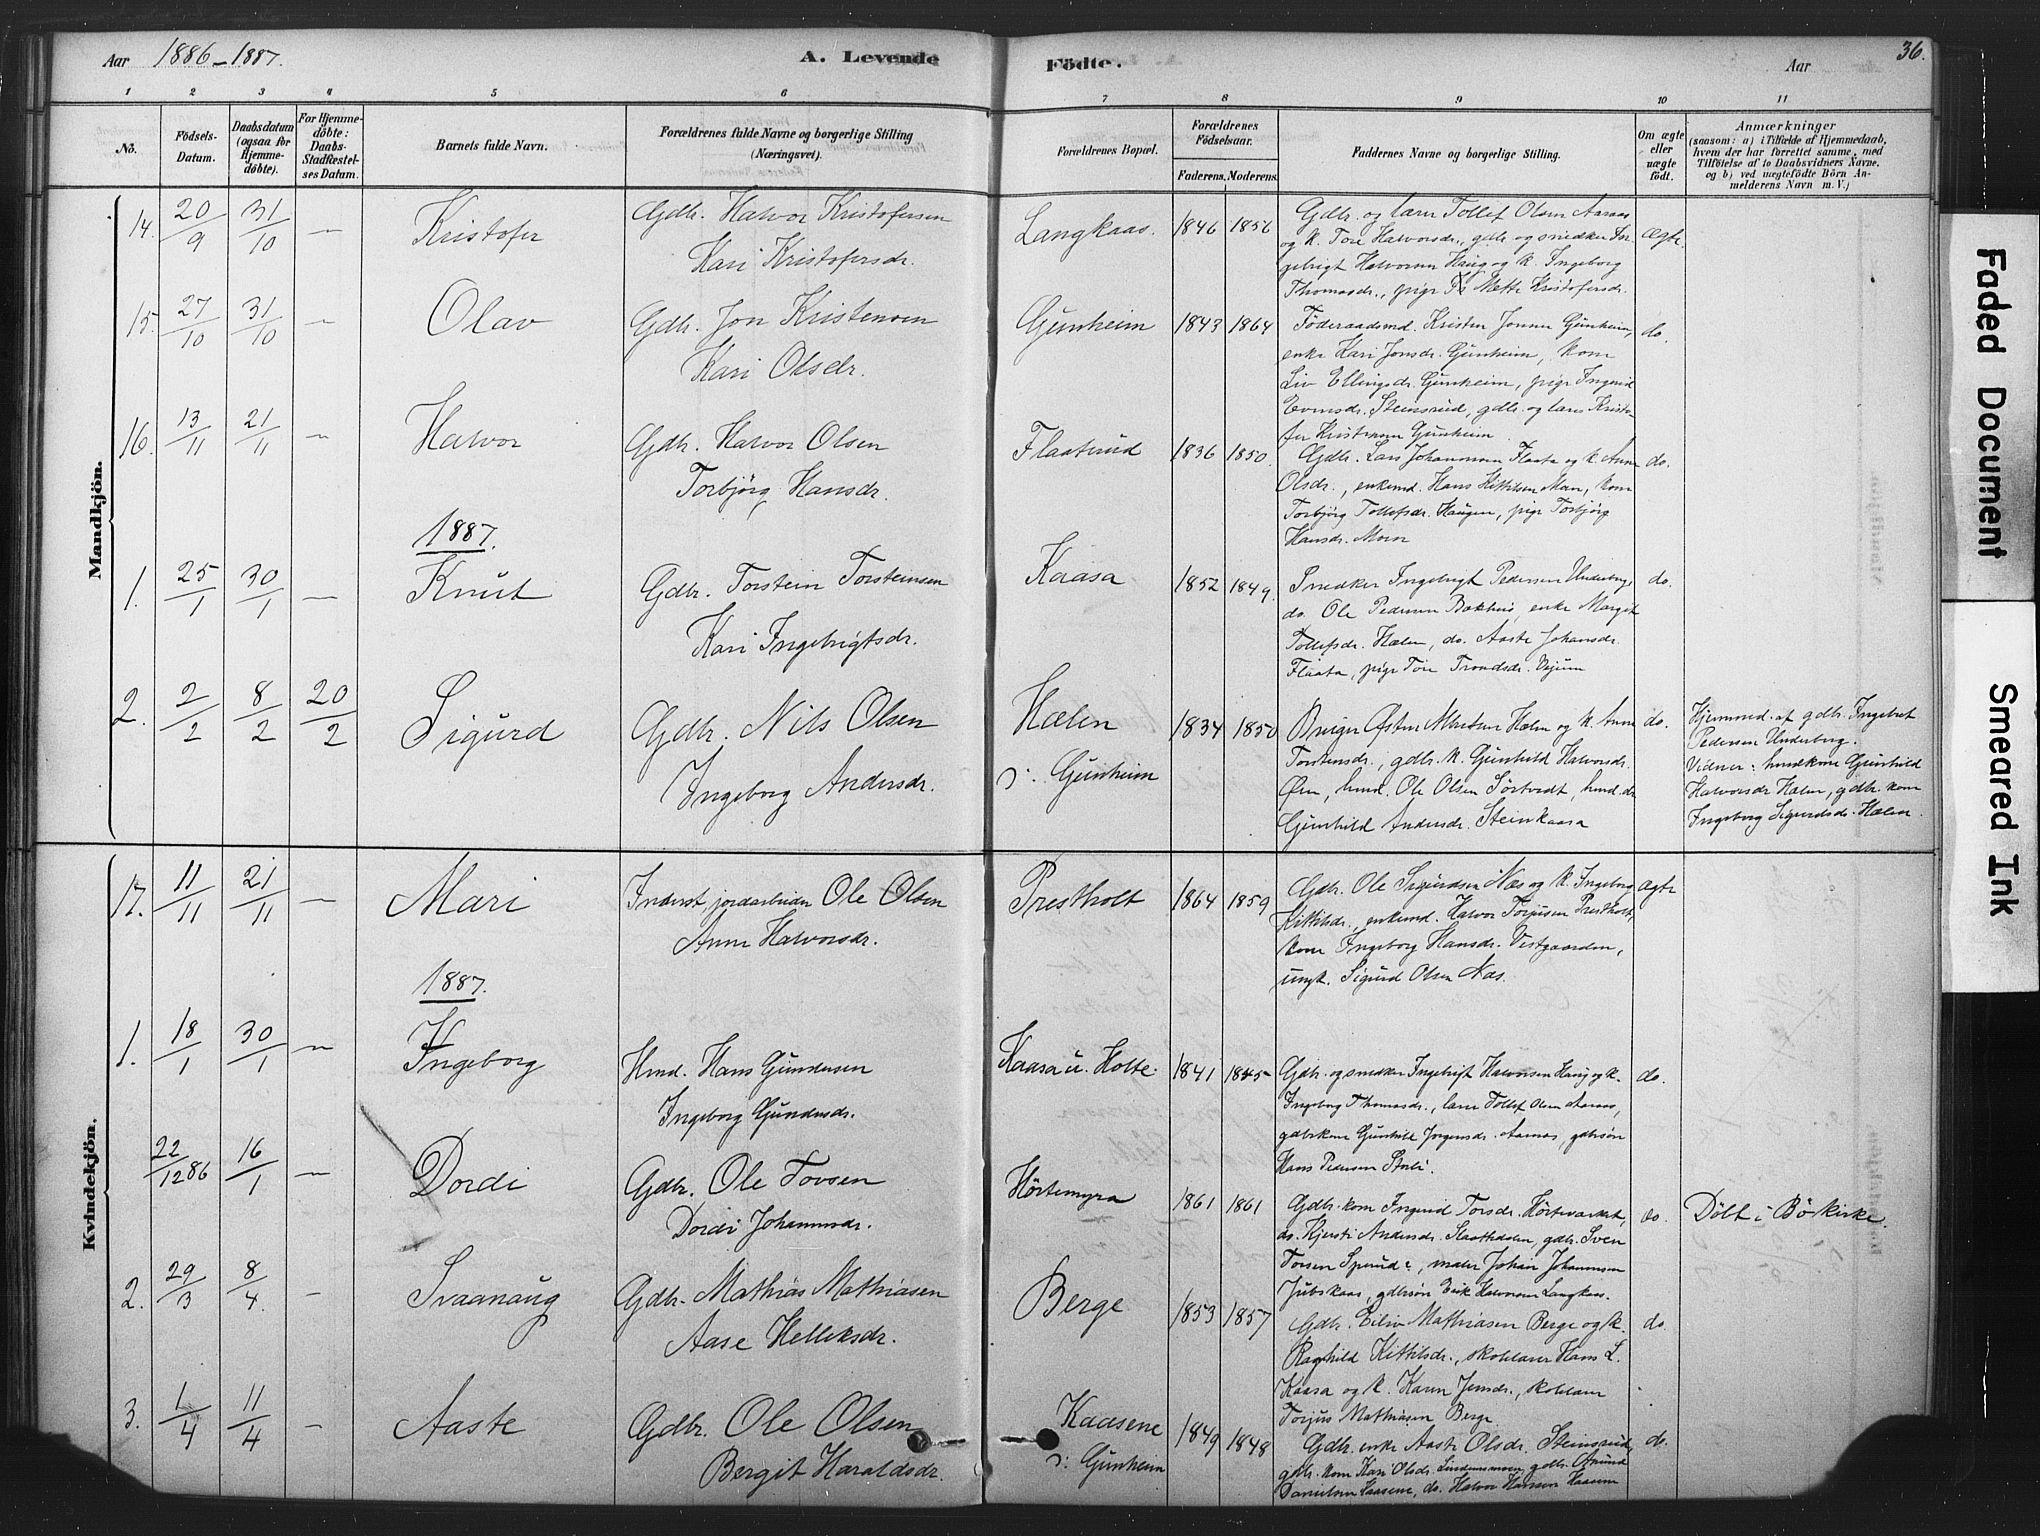 SAKO, Sauherad kirkebøker, F/Fb/L0002: Ministerialbok nr. II 2, 1878-1901, s. 36